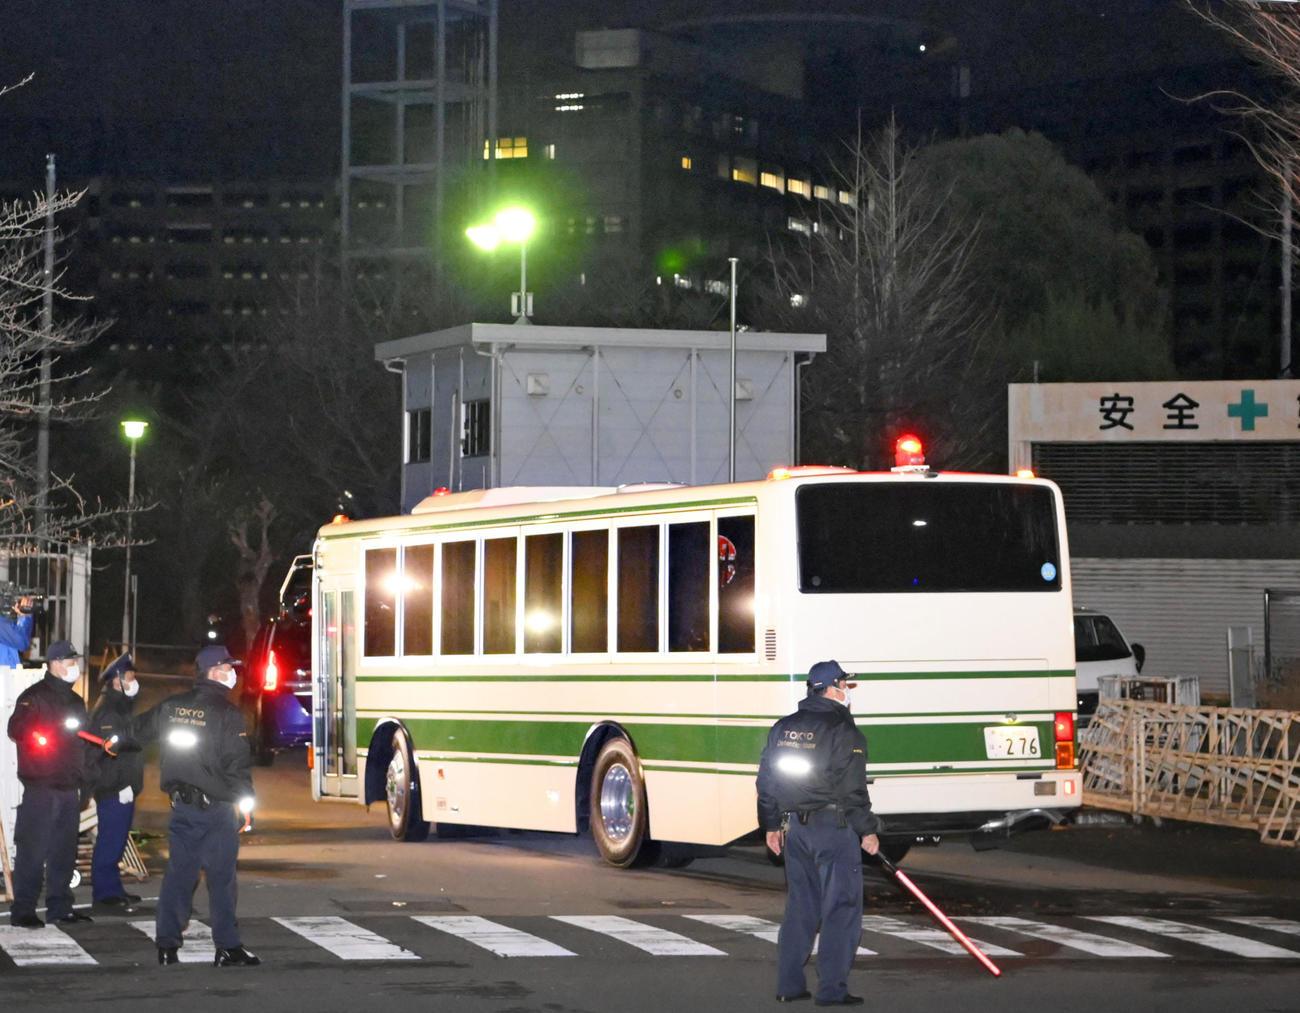 東京拘置所に入るマイケル・テイラー容疑者を乗せたとみられる車両(共同)